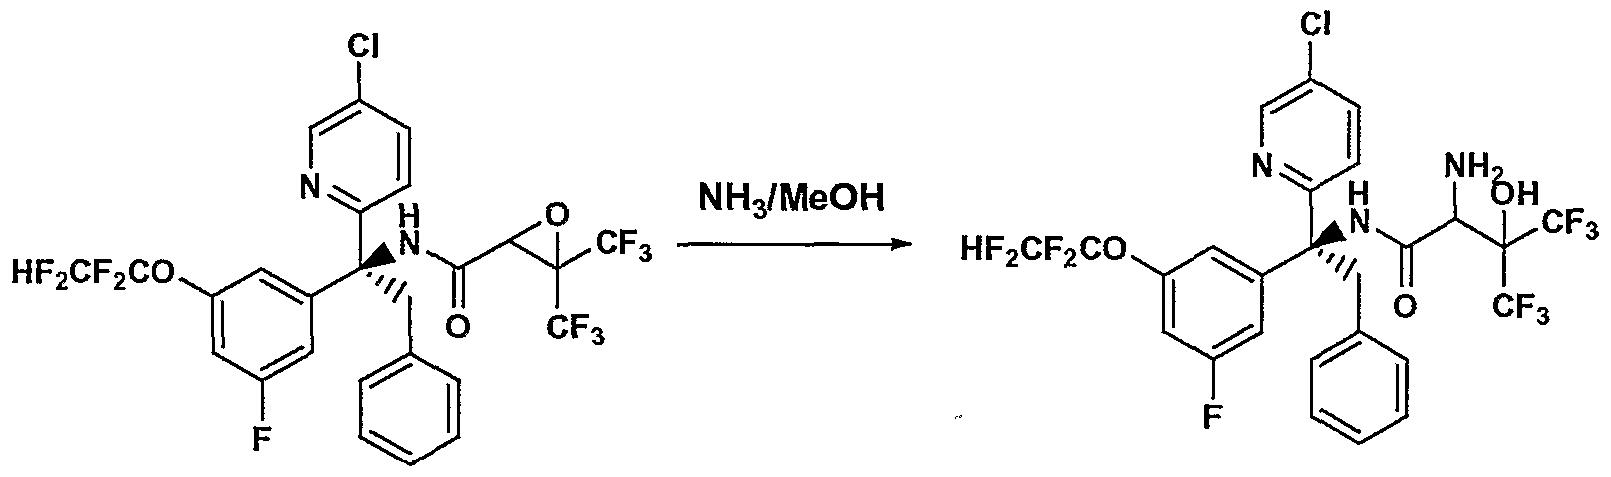 Figure imgf000526_0002